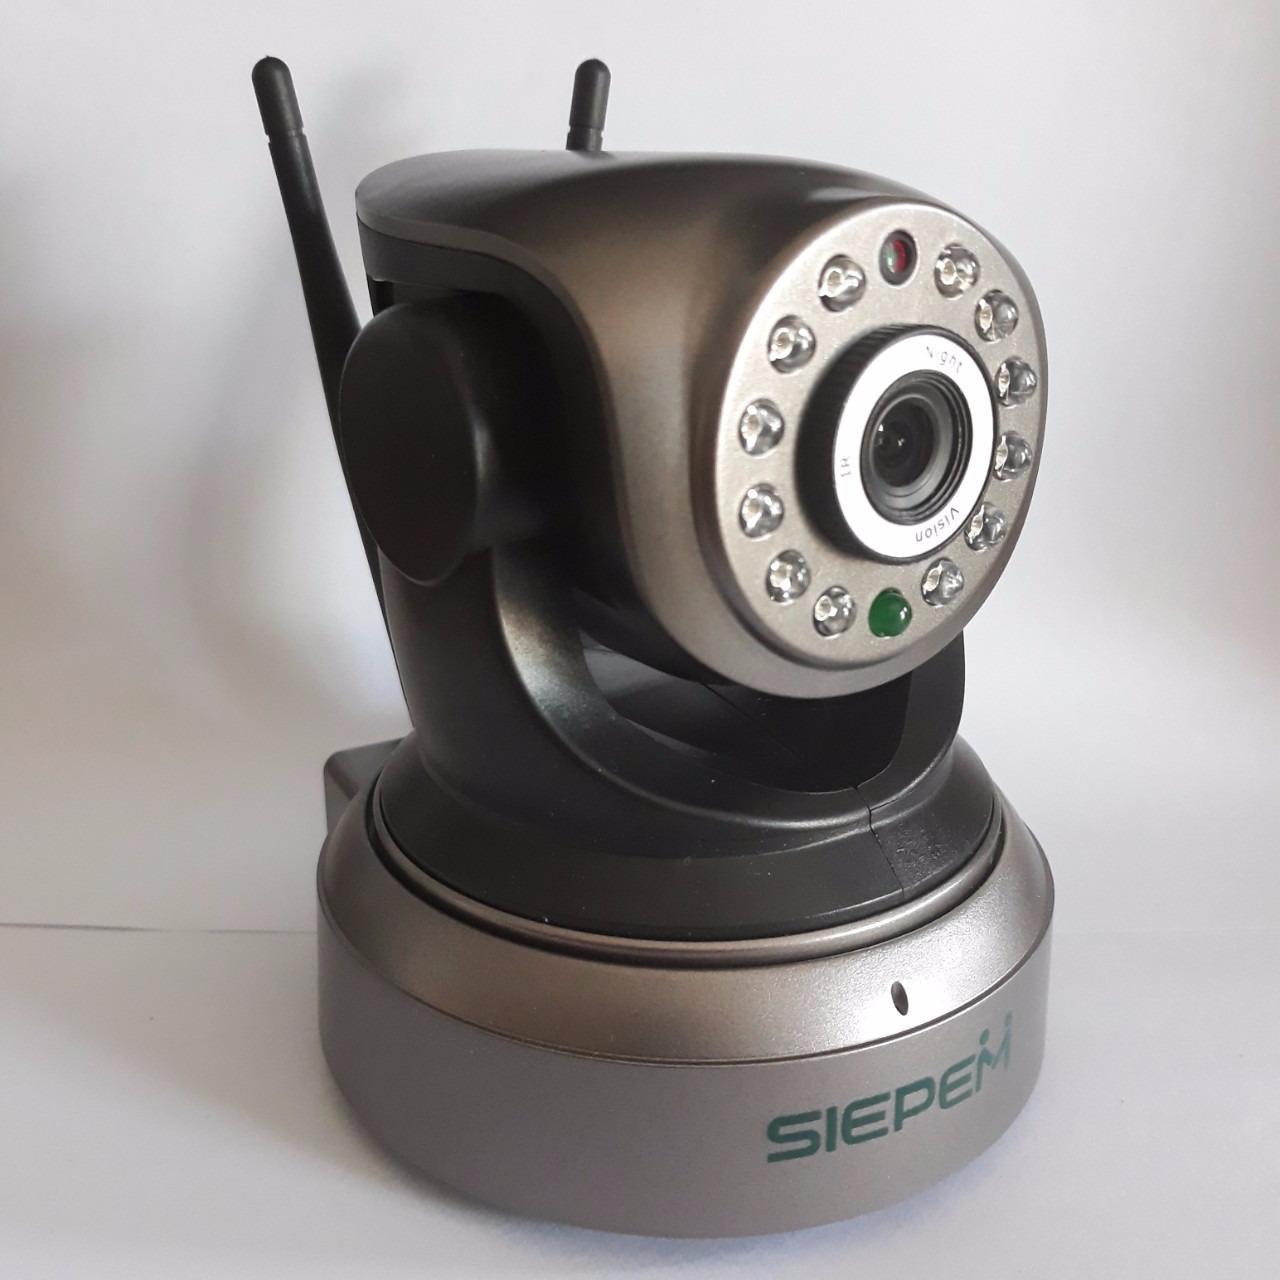 Camera Siepem S6203 Y-WR(Plus) 2 Râu FHD 1080